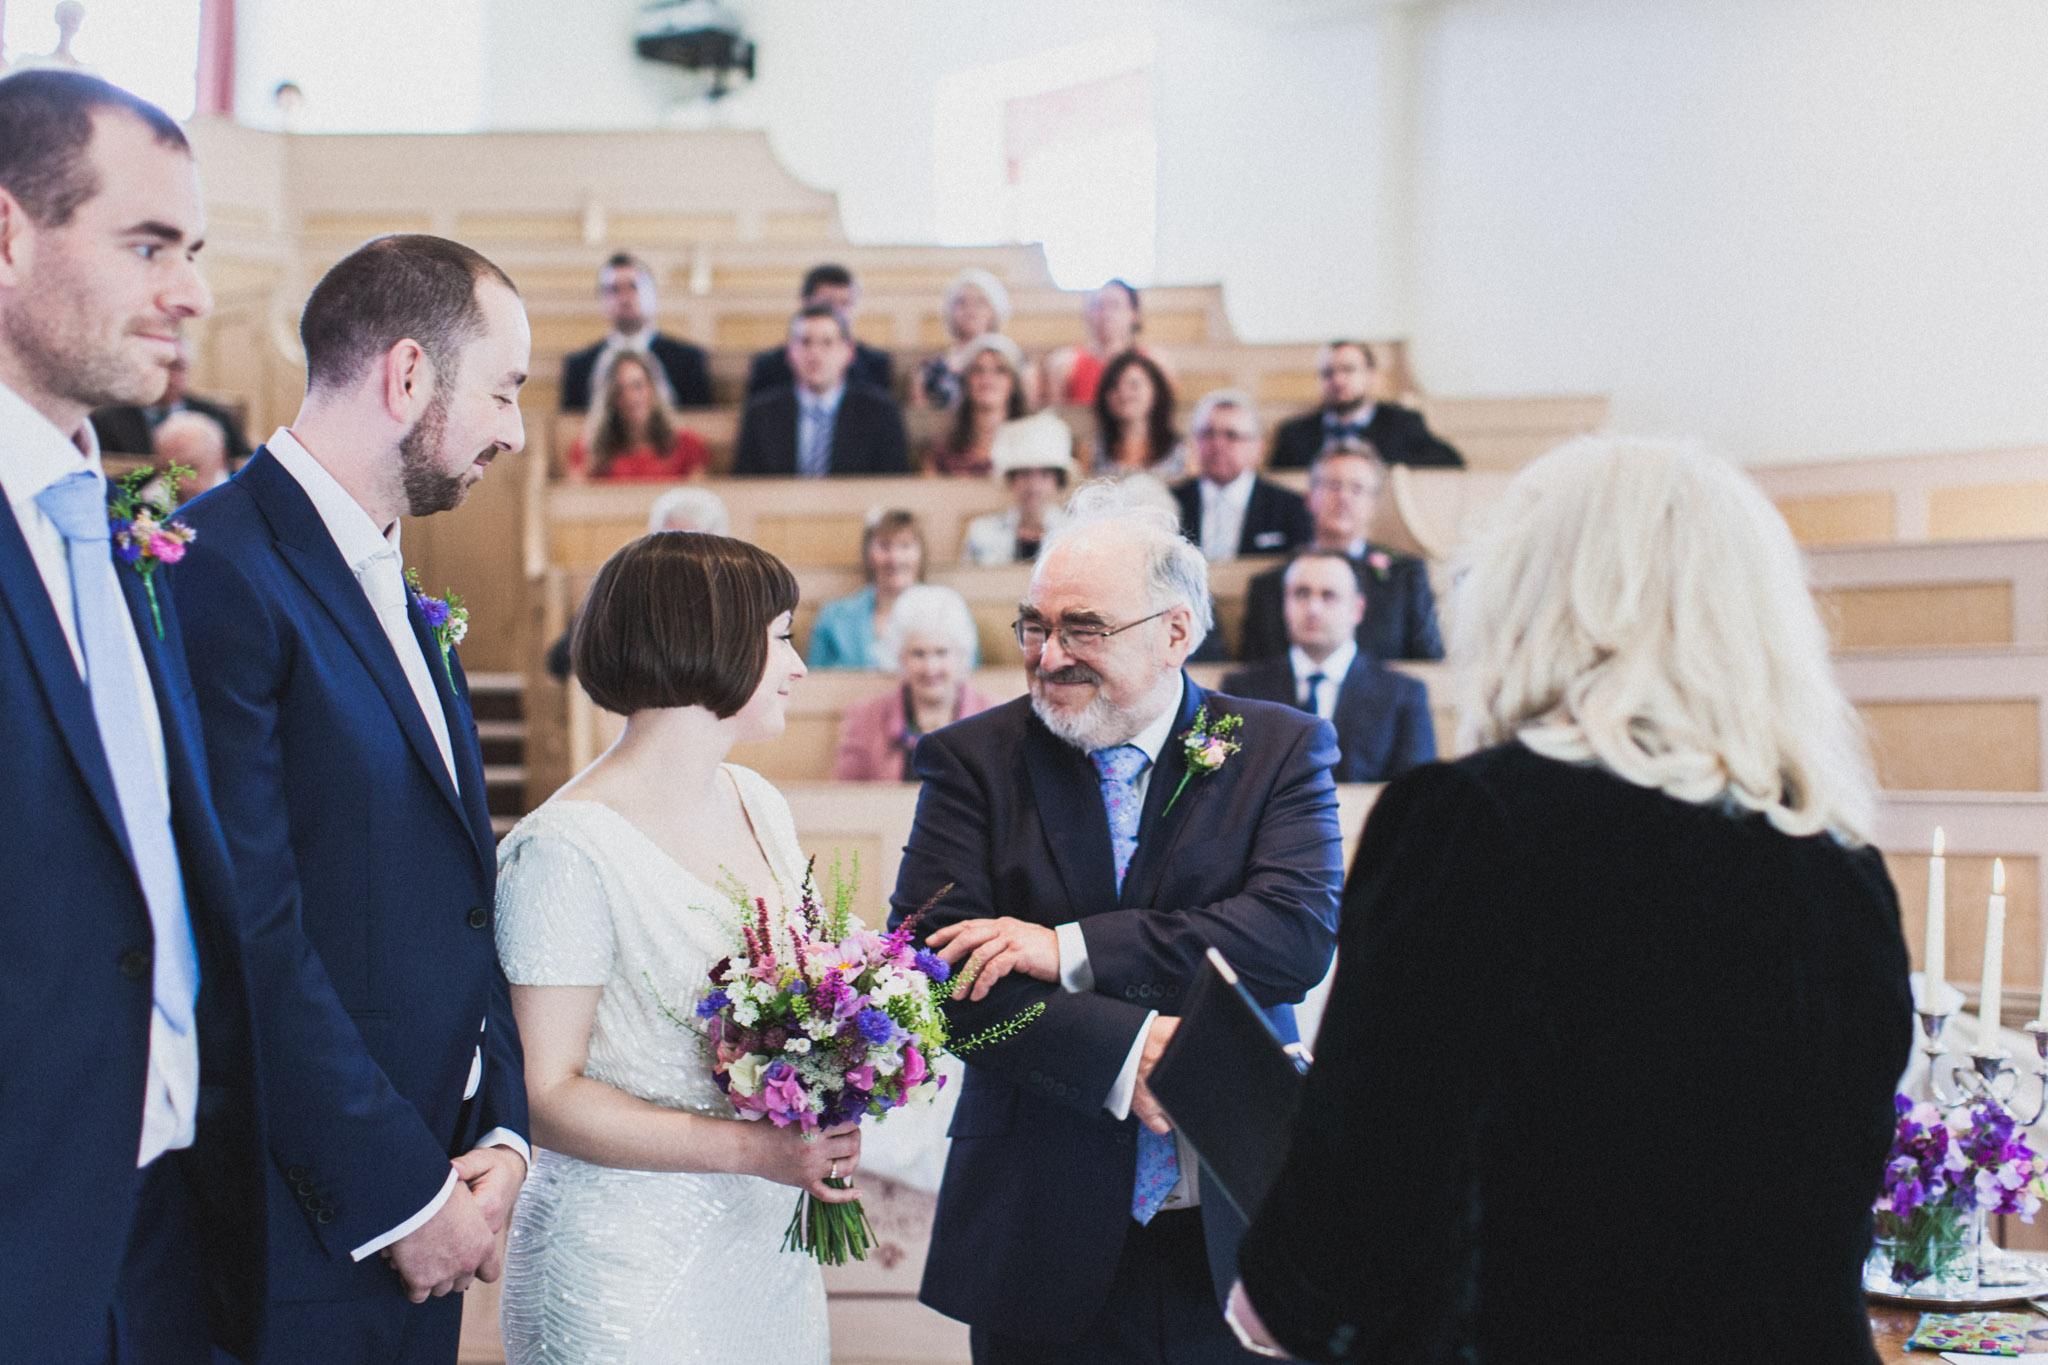 wedding_robin_hoods_bay_whitby_027.jpg